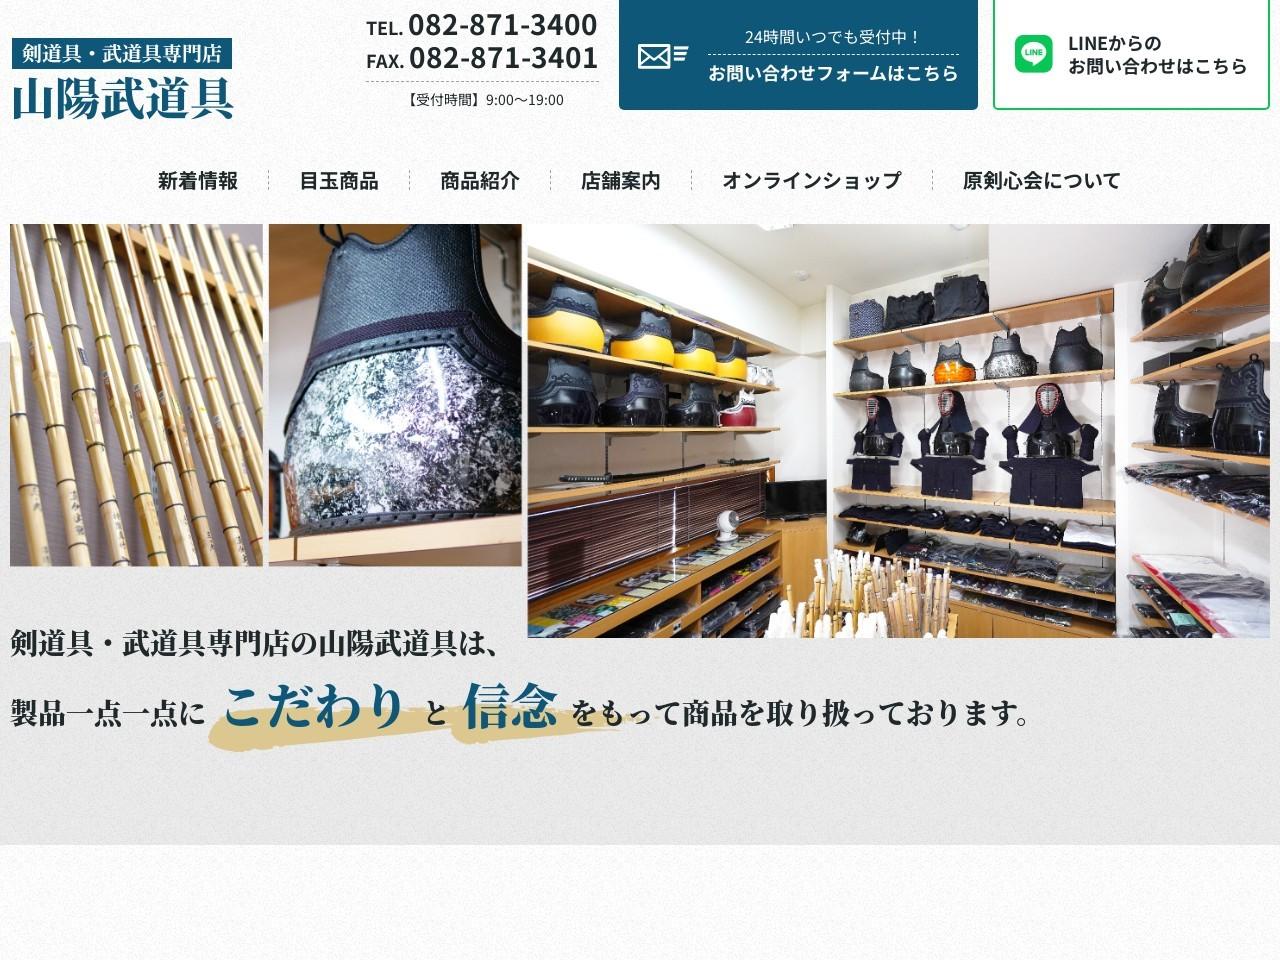 有限会社山陽武道具